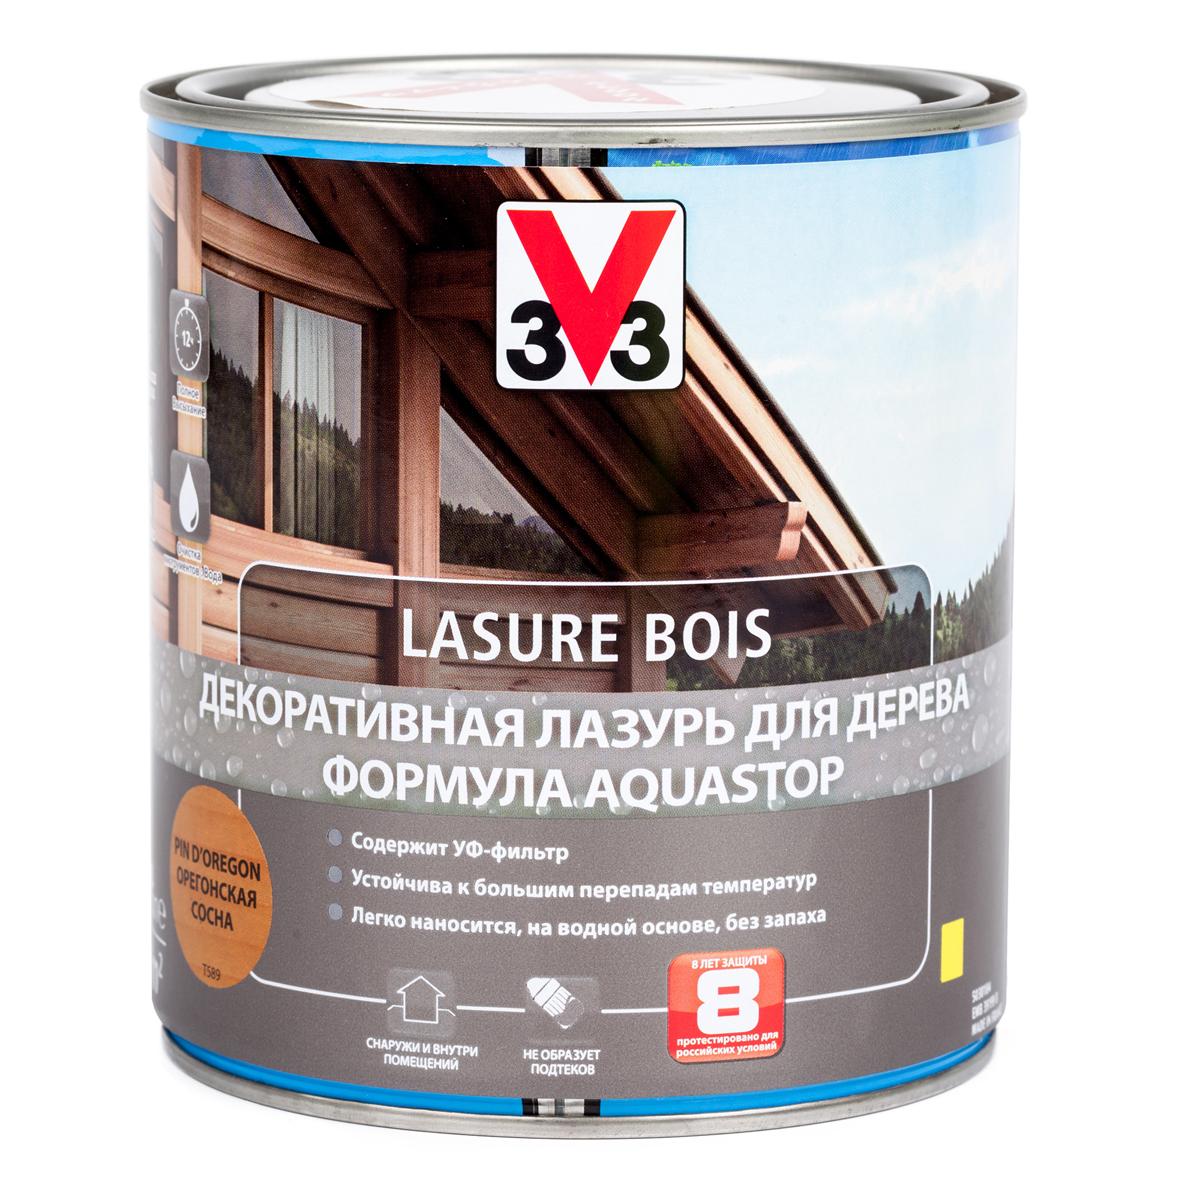 """Лазурь для дерева декоративная V33 """"Aquastop"""", цвет: орегонская сосна, на водной основе, 750 мл 107828"""